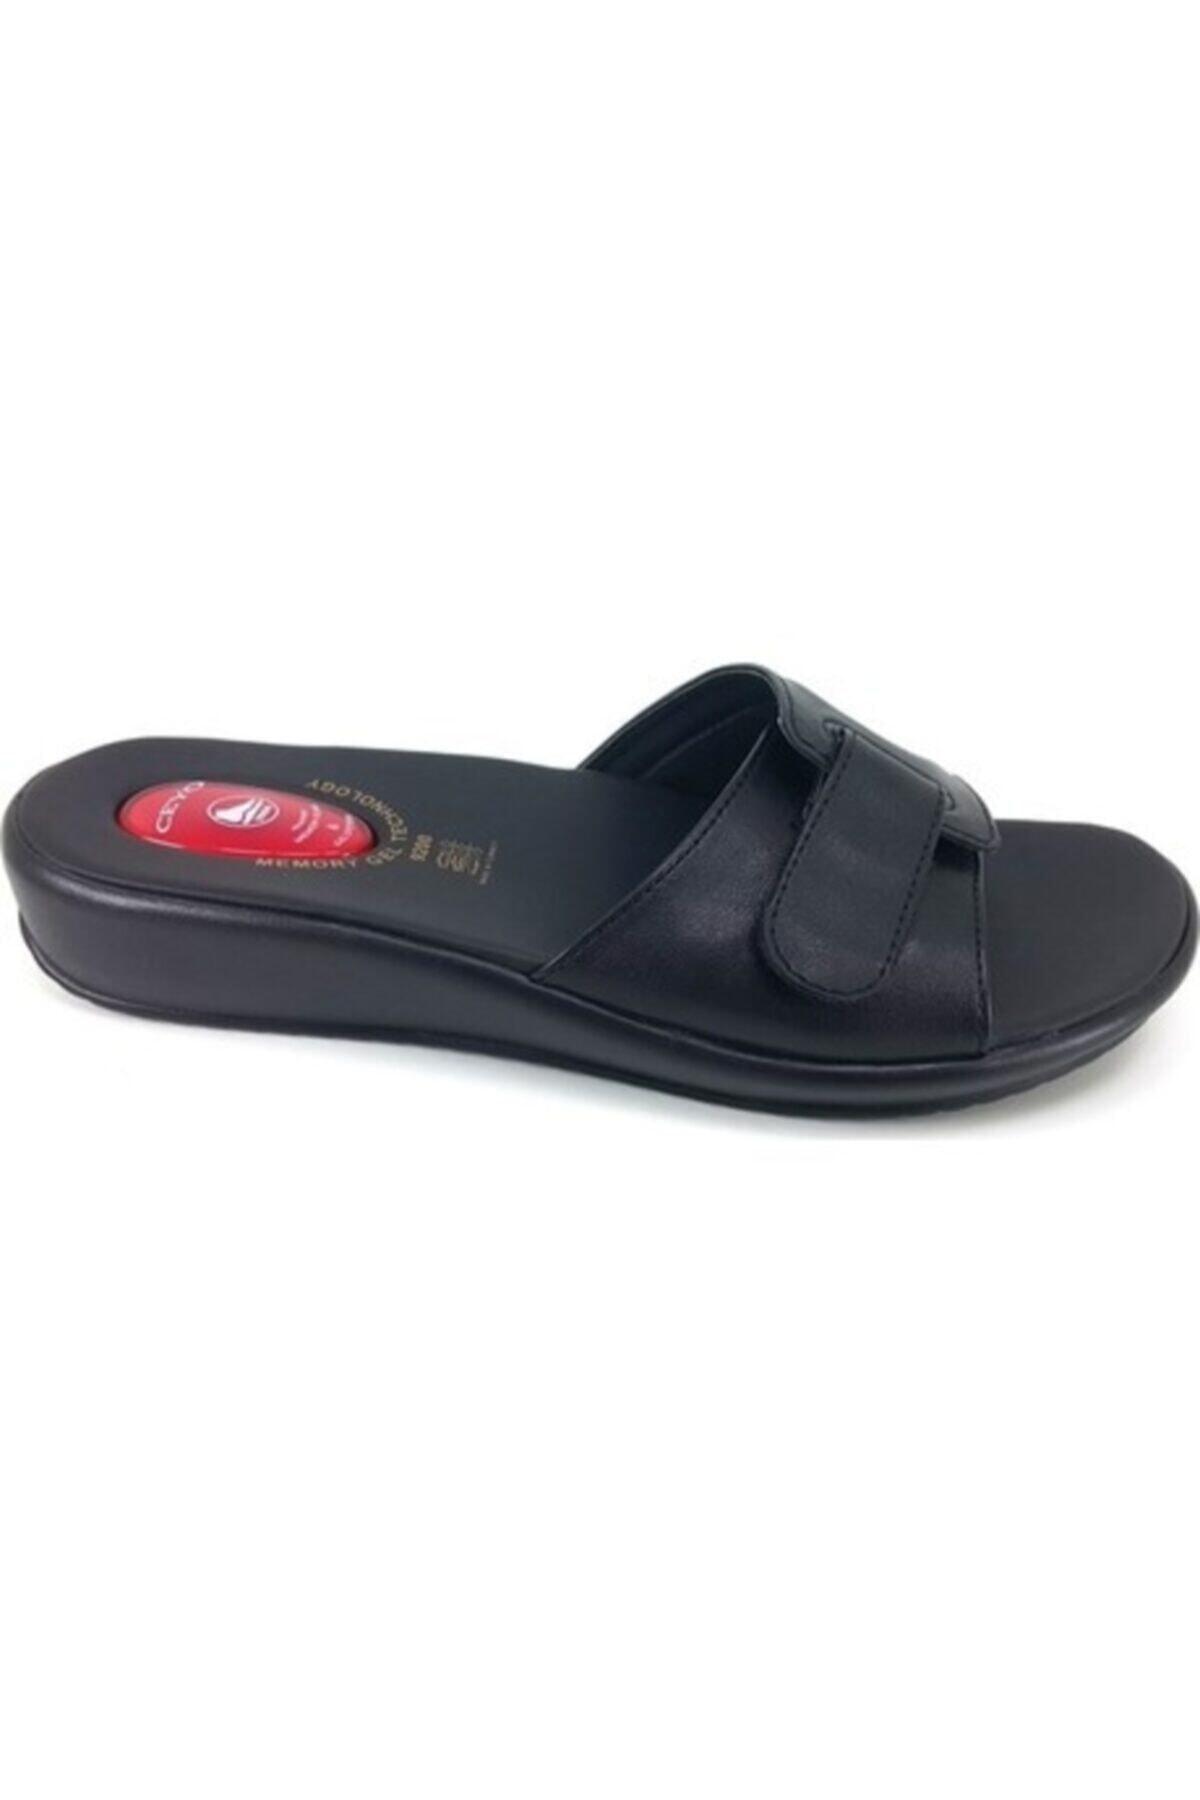 9200 Siyah Kemik Çıkıntısı Ve Topuk Dikeni Terliği